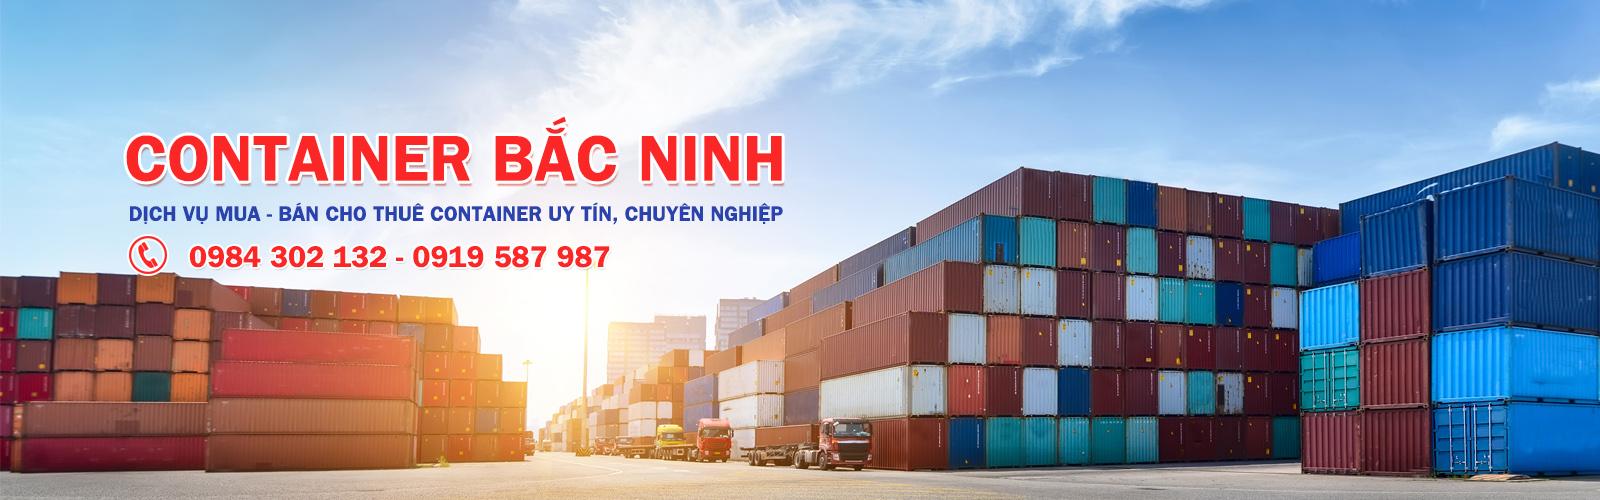 Container Bắc Ninh - Dịch vụ mua-bán-cho thuê container uy tín, chuyên nghiệp